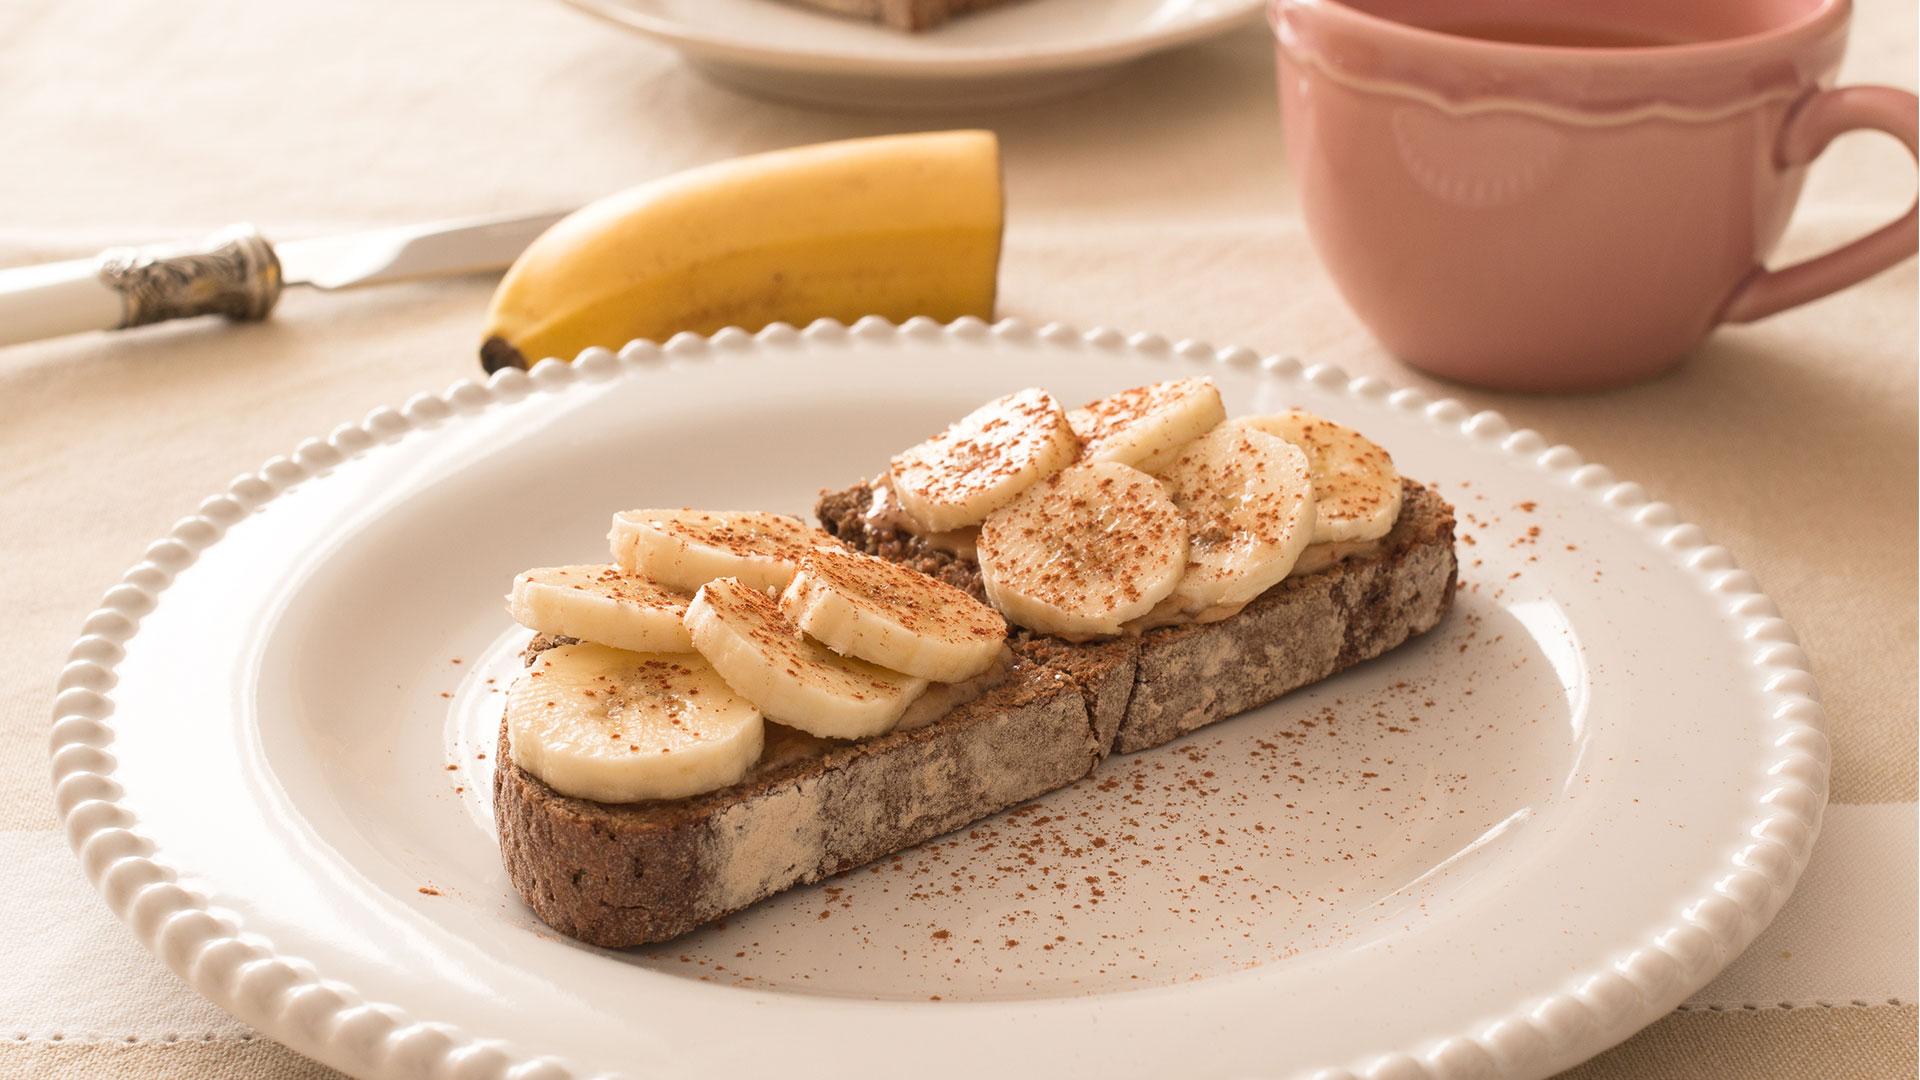 Torrada com Manteiga de Amêndoa e Banana